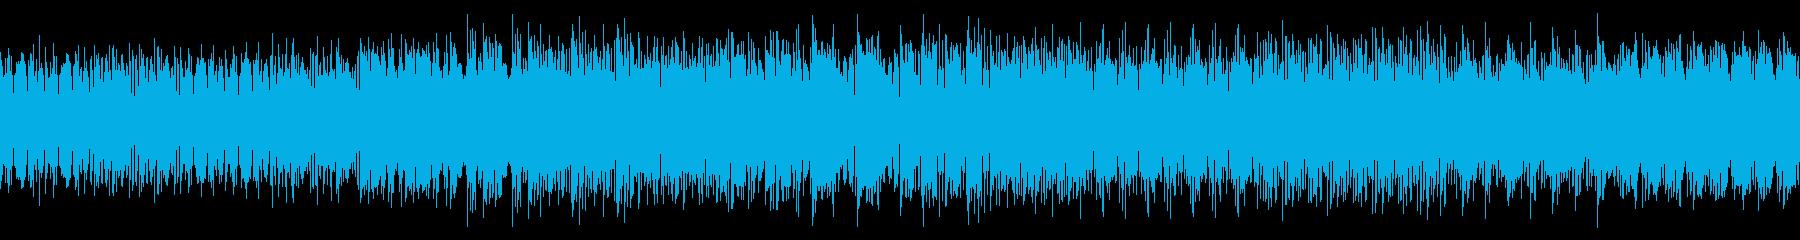 シンプル・ファンキーなディスコな曲の再生済みの波形